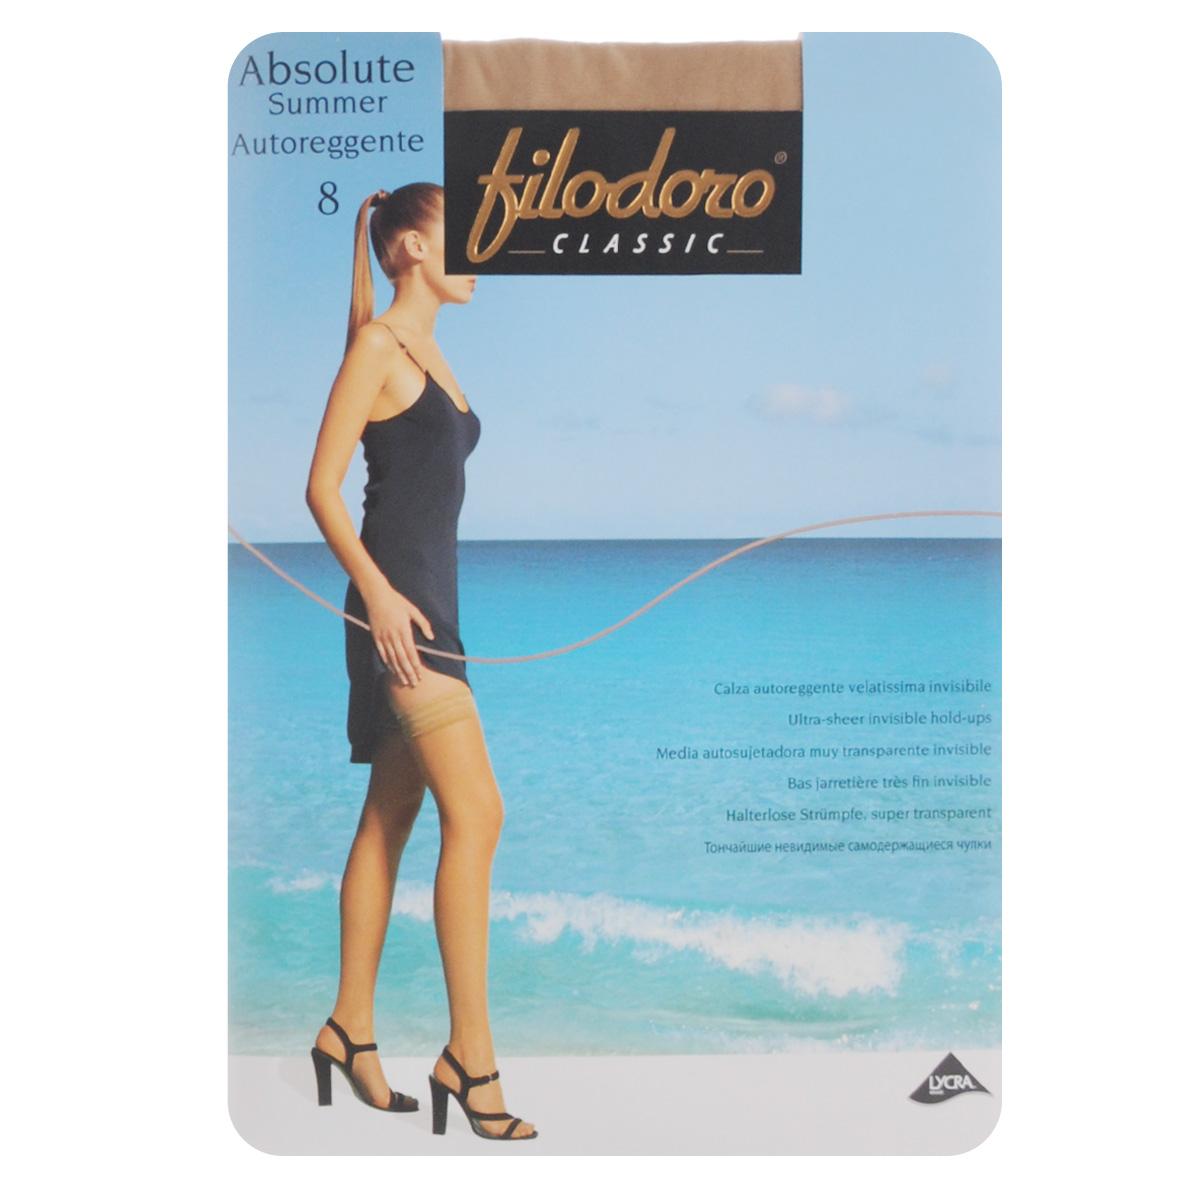 ЧулкиC109801FCТончайшие чулки Filodoro Classic Absolute Summer Autoreggente с оригинальной каймой, оформленной геометрическим узором, и невидимым мыском. Резинка - на силиконовой основе. Плотность: 8 den.